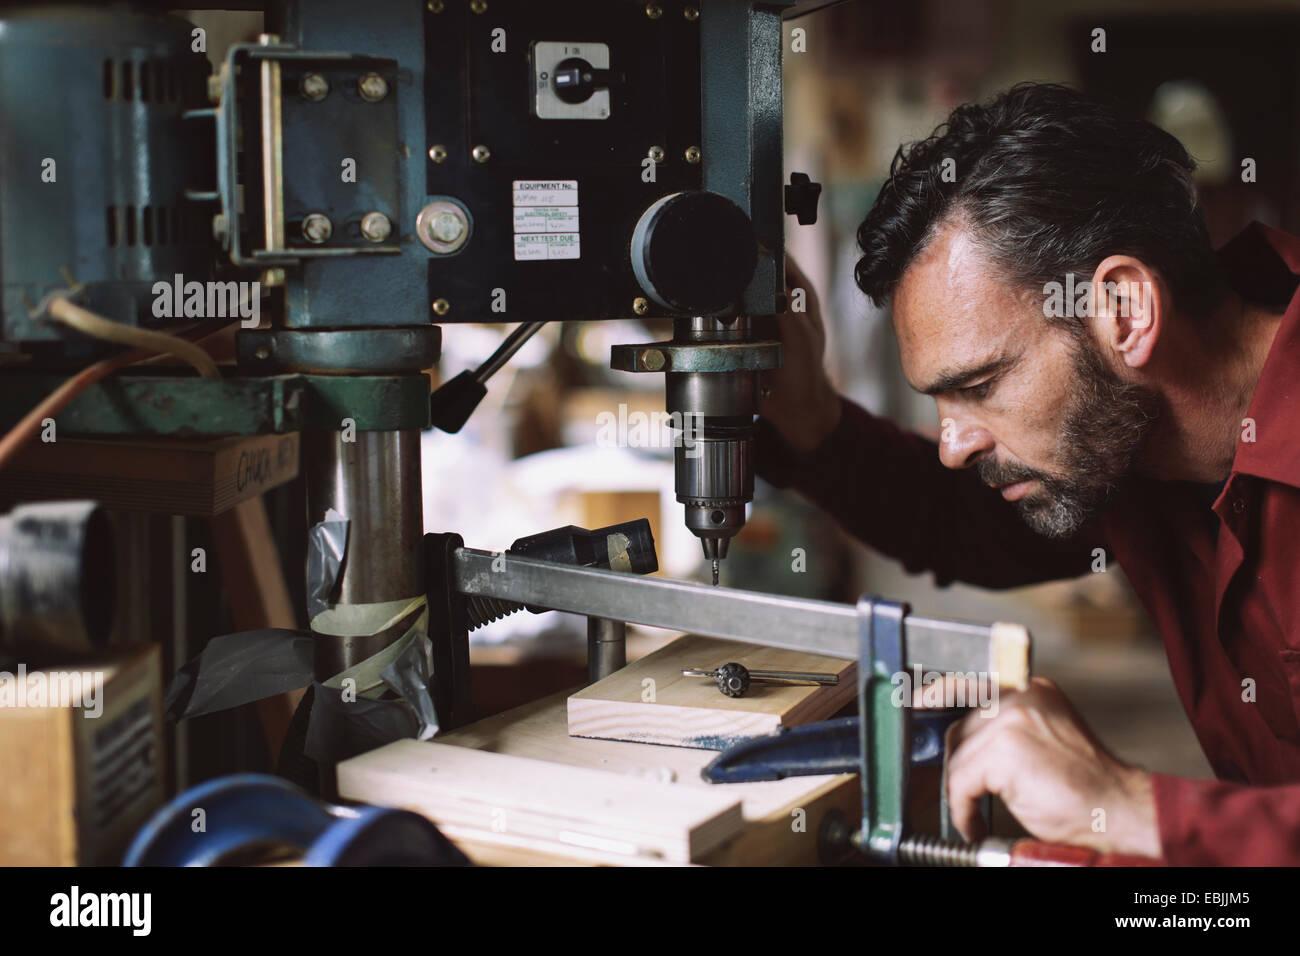 Coppia artigiano componente di perforazione in organo a canne workshop Immagini Stock